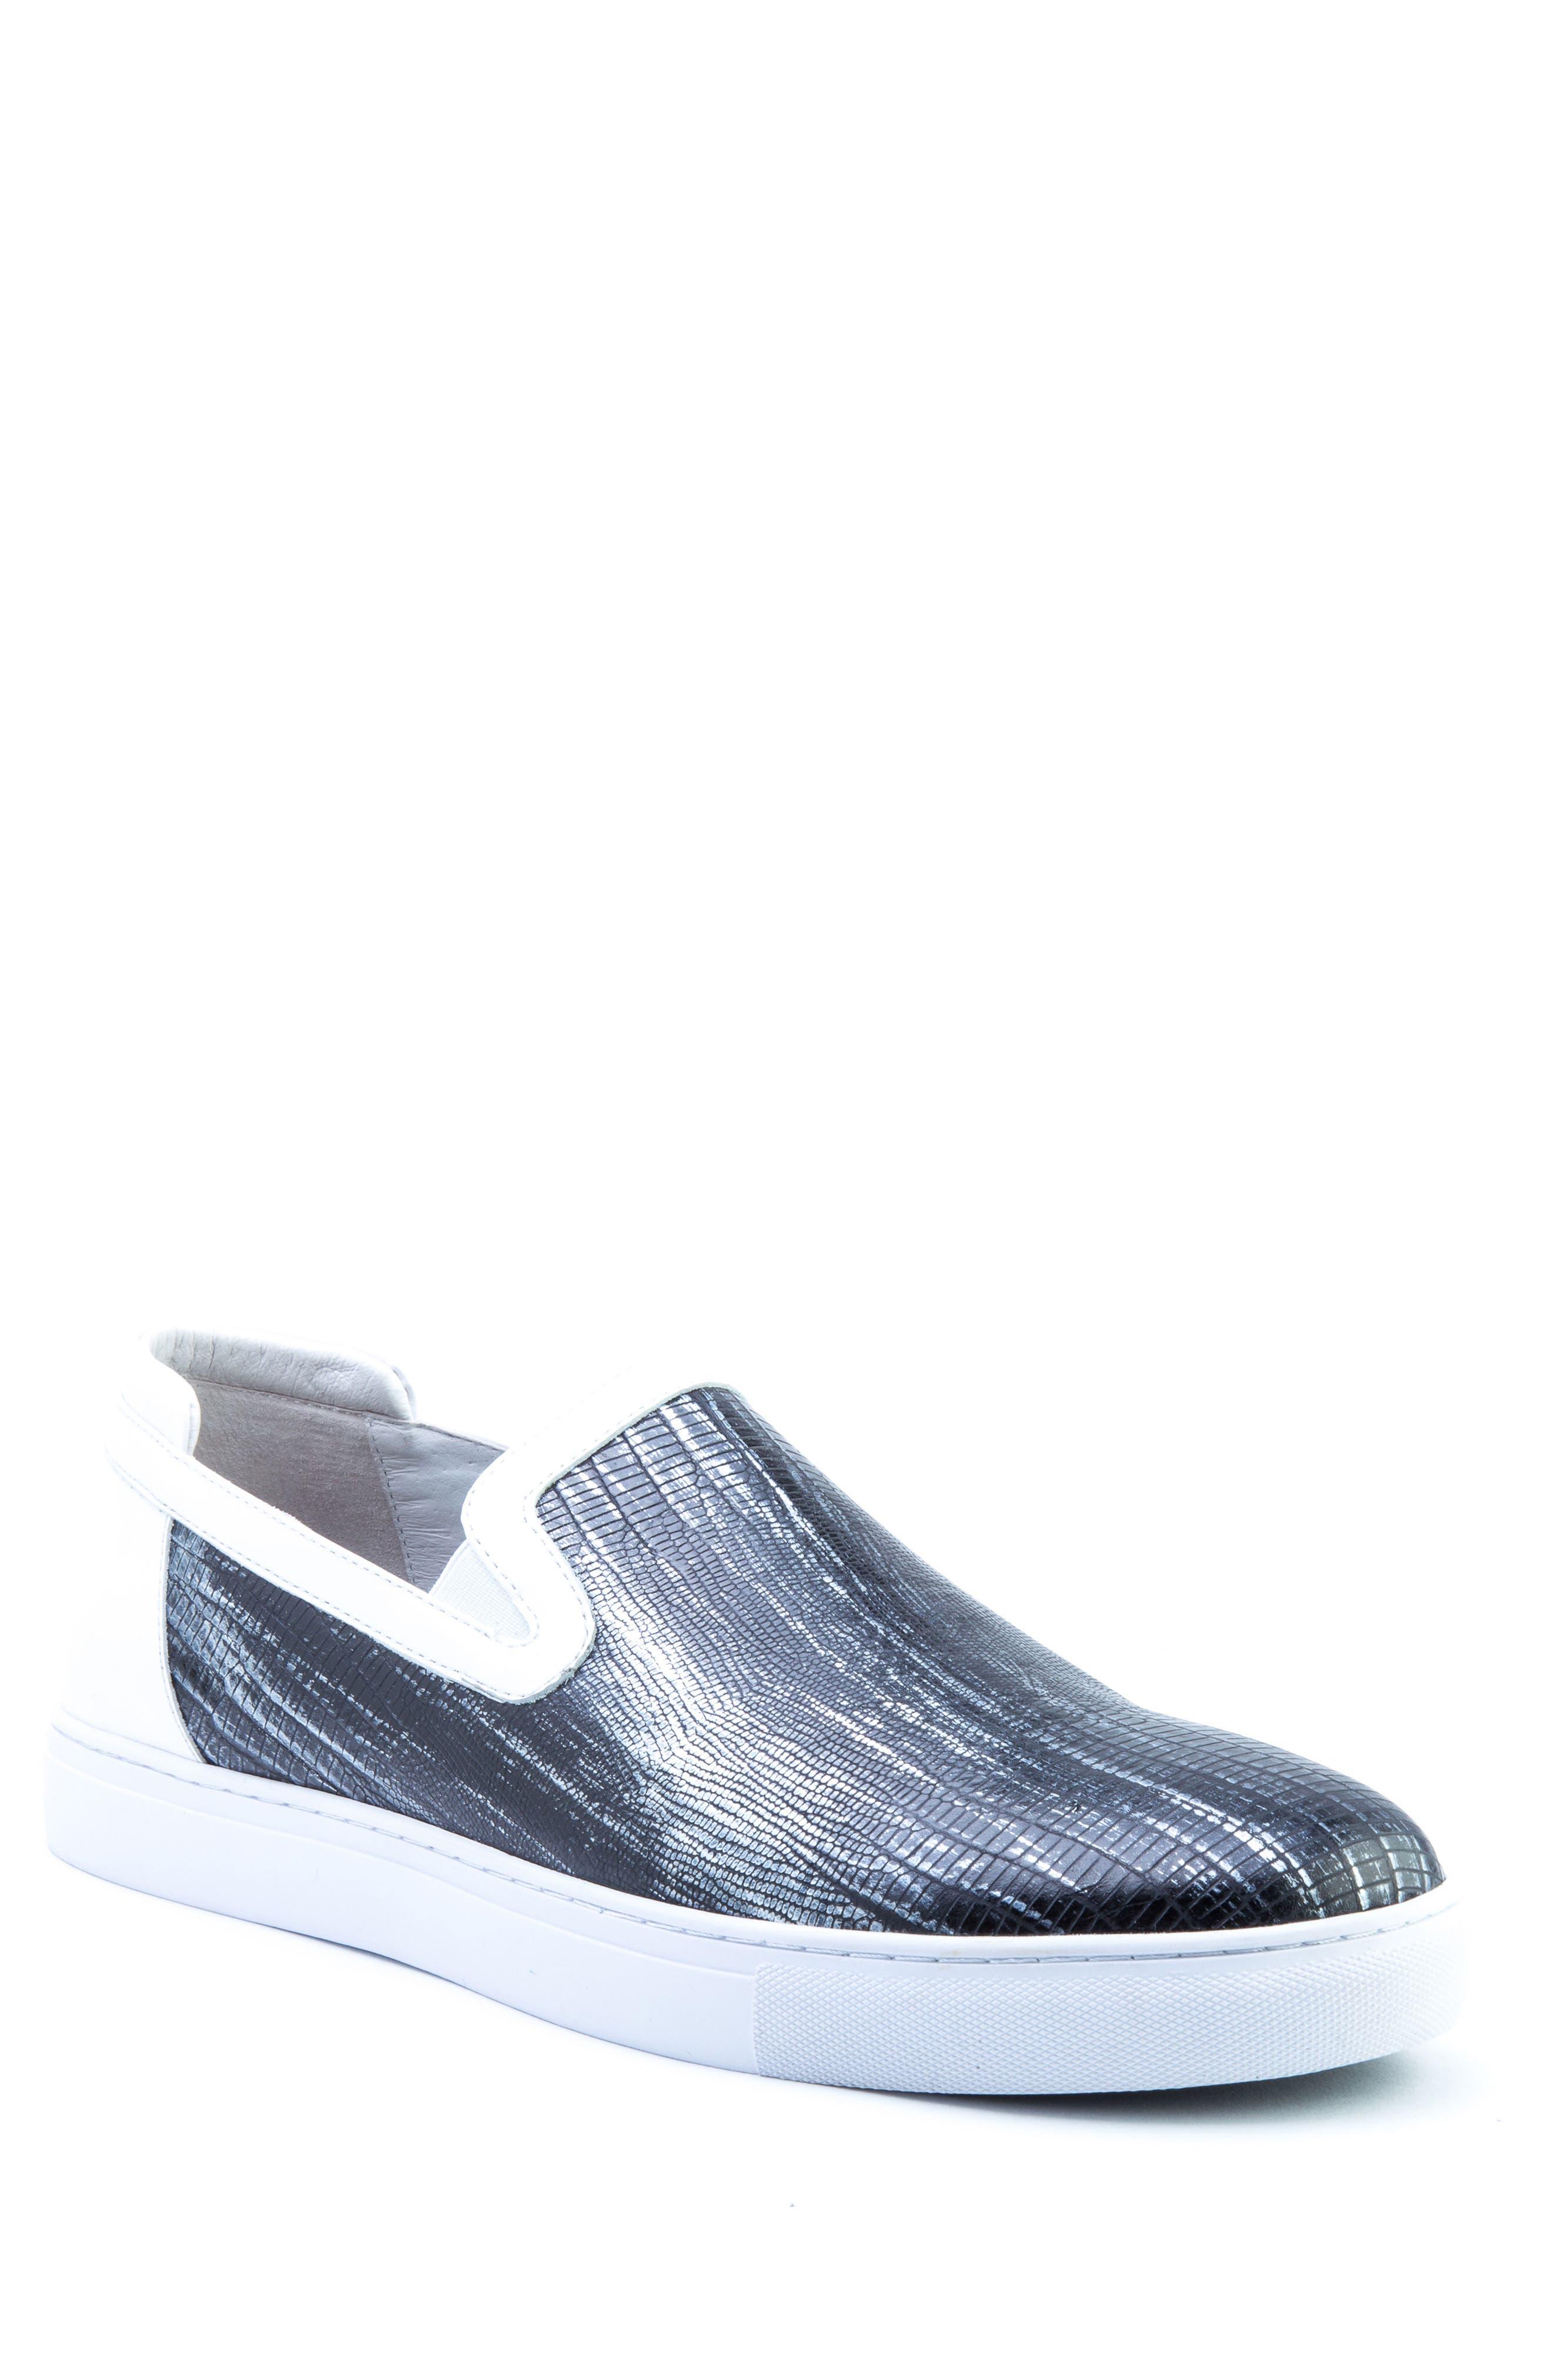 Badgley Mischka Bogart Sneaker, White